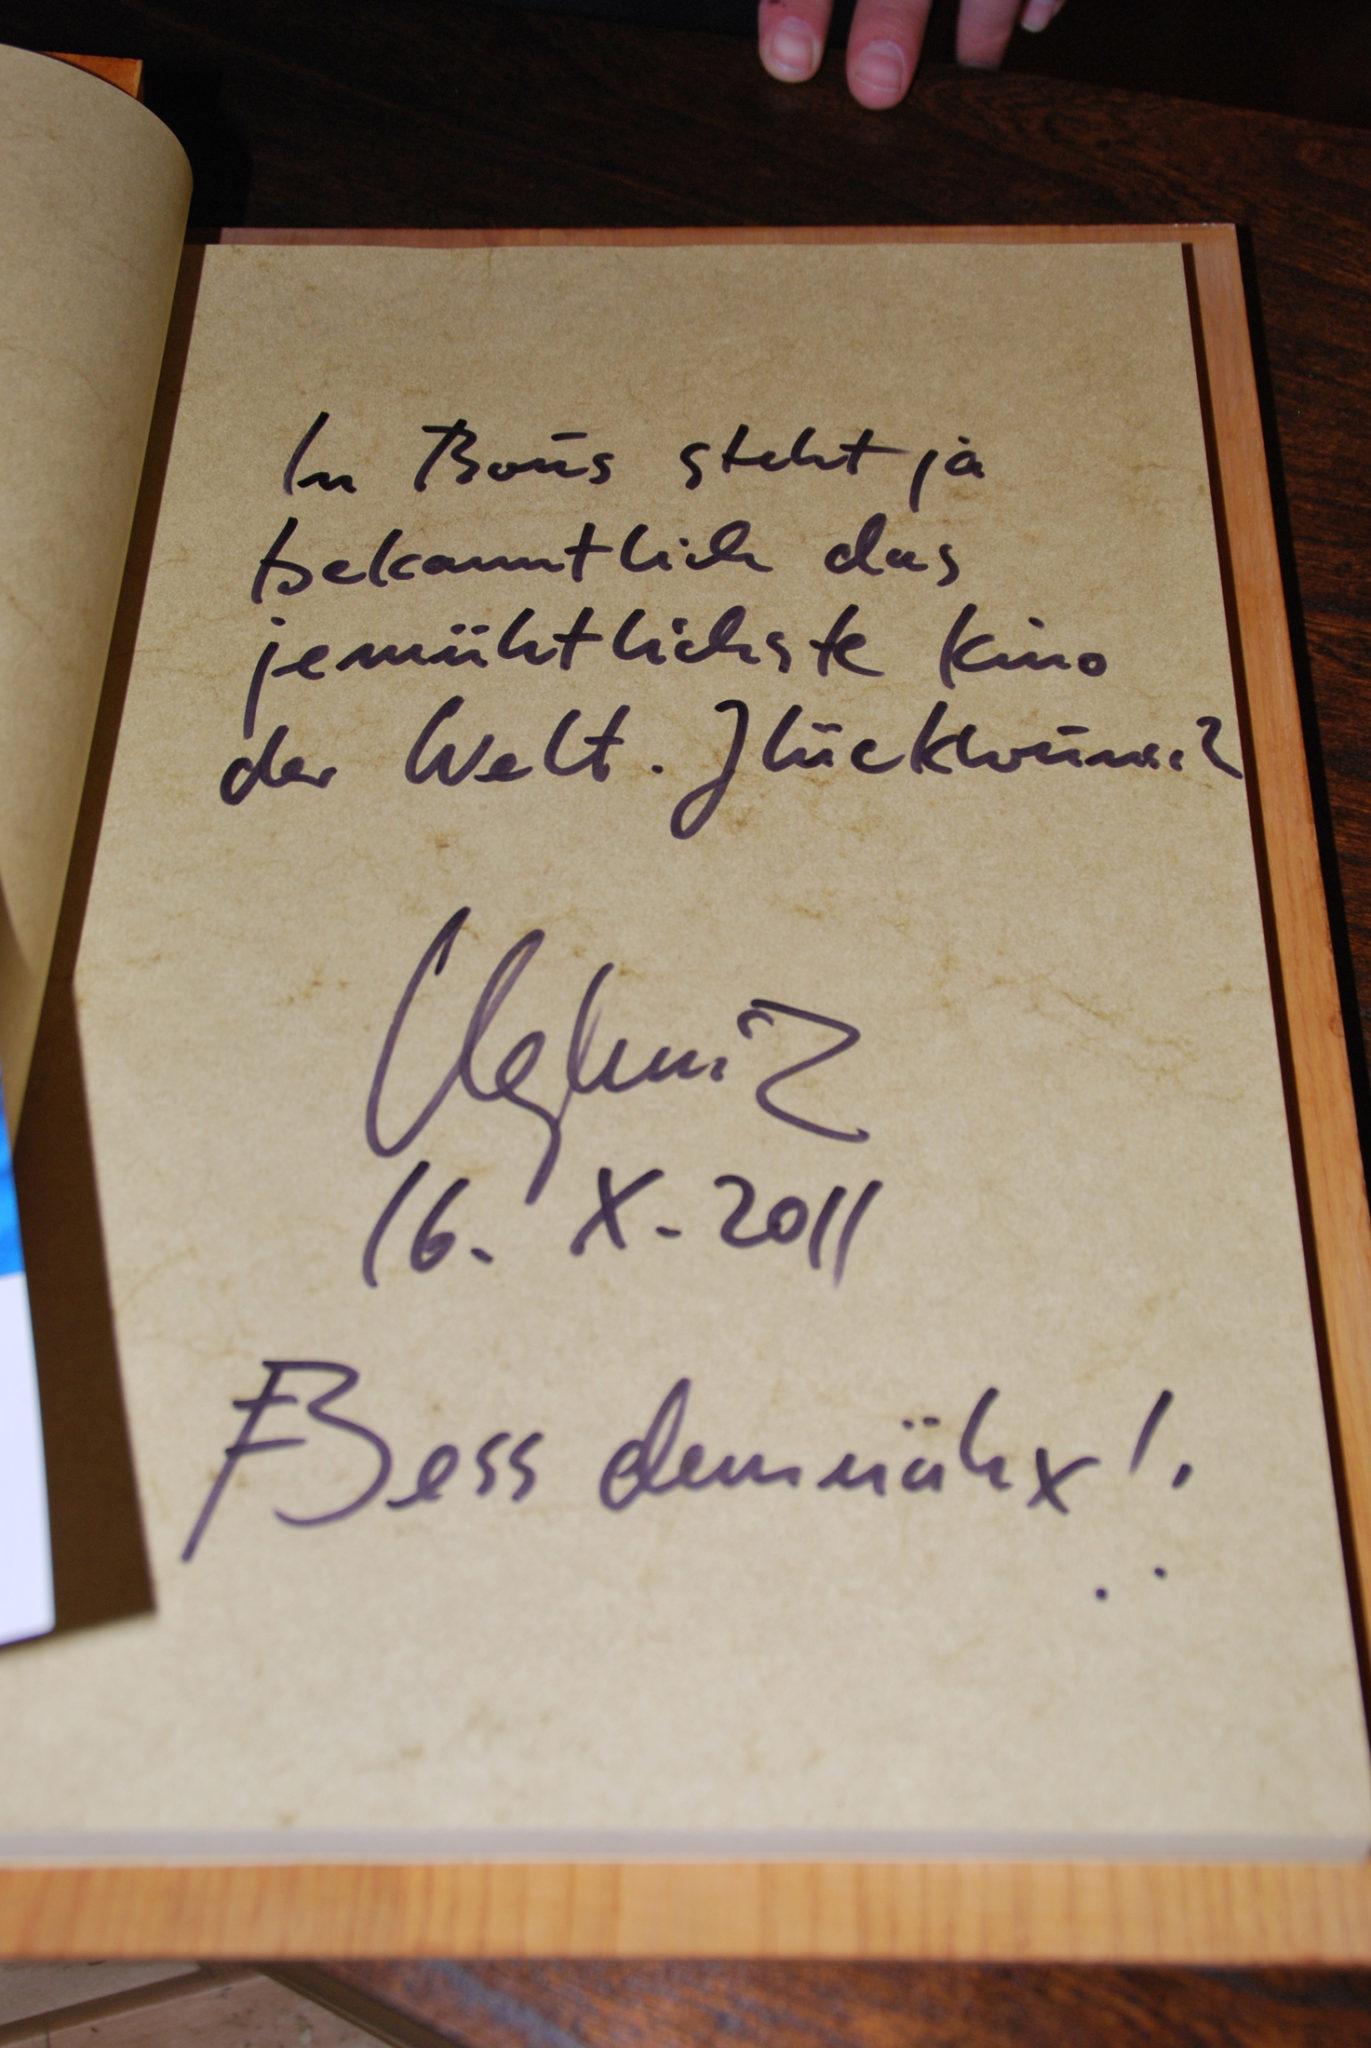 zu sehen ist die Widmung mit dem Text: In Bous steht ja bekanntlich das jemuetlichste Kino der Welt, Glueckwunsch Wolfgang Niedecken, Bess demnaechst